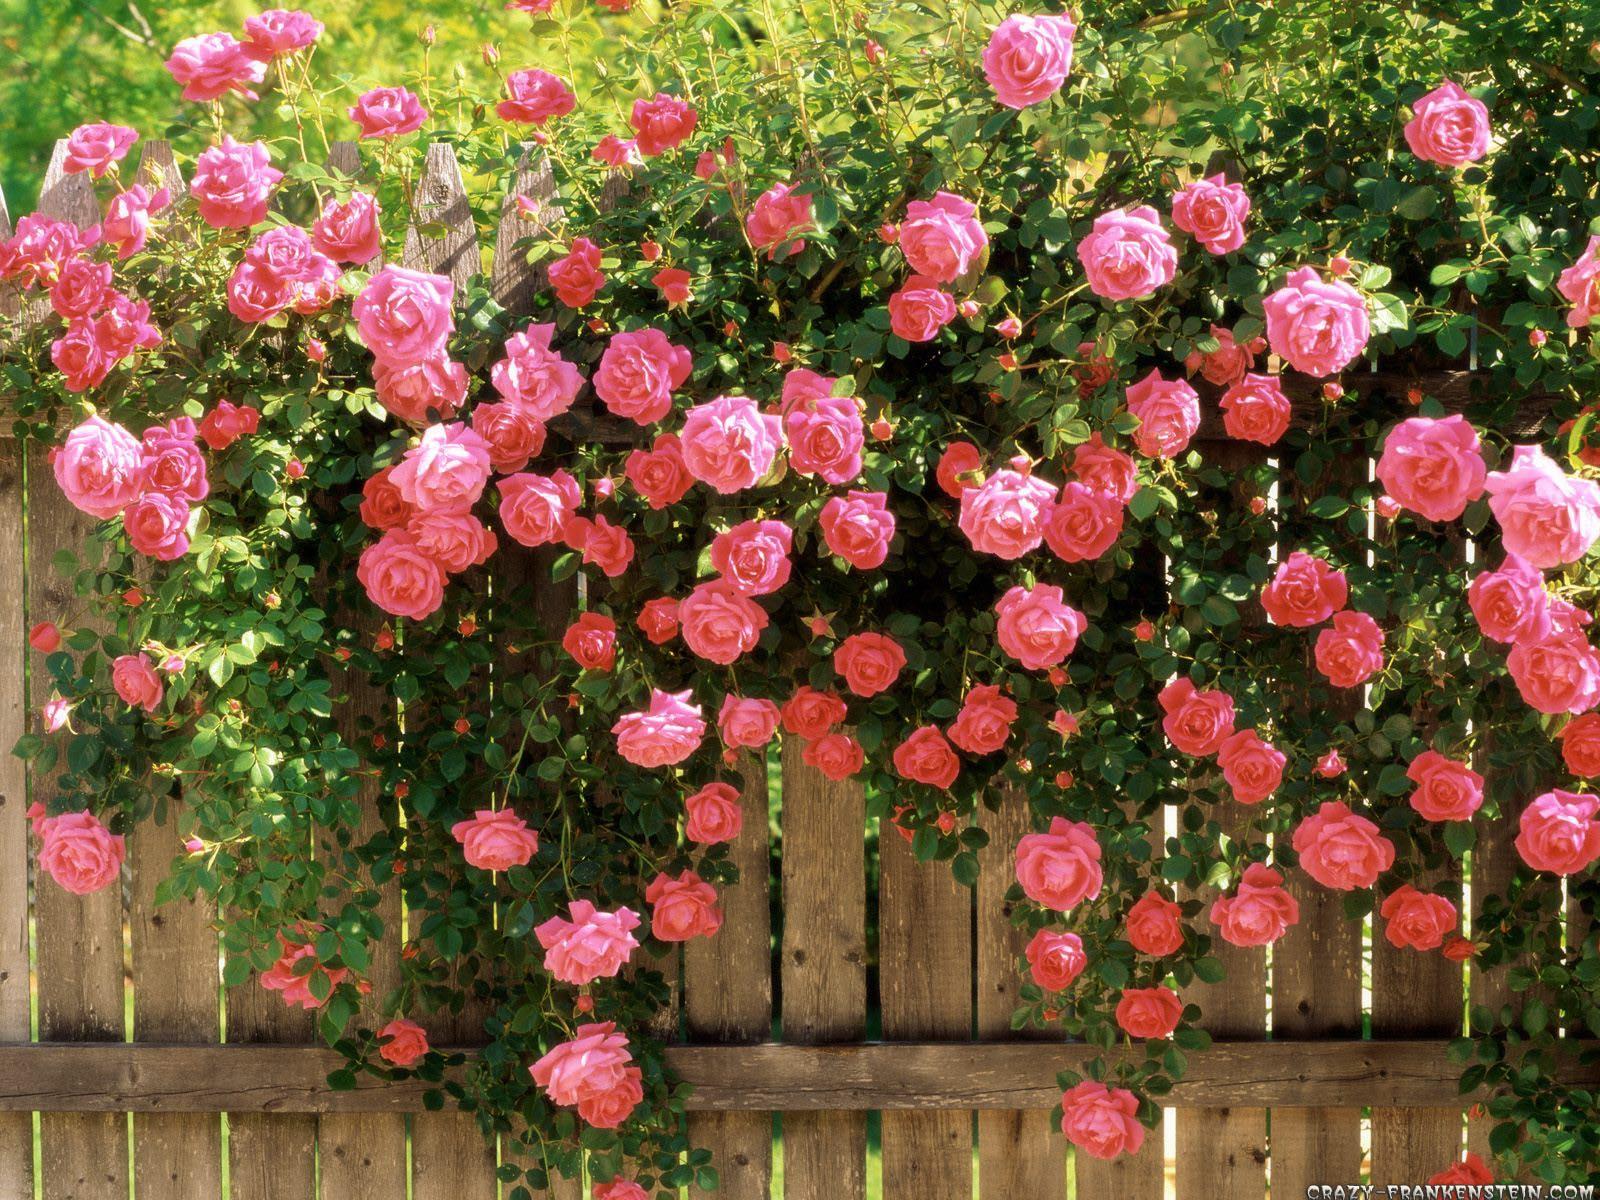 http://3.bp.blogspot.com/_vClfjdJc8Jk/TTsDeRasNzI/AAAAAAAAEzo/PhQZZCcXUB4/s1600/american-beauty-climbing-roses-wallpaper-1600x1200.jpg